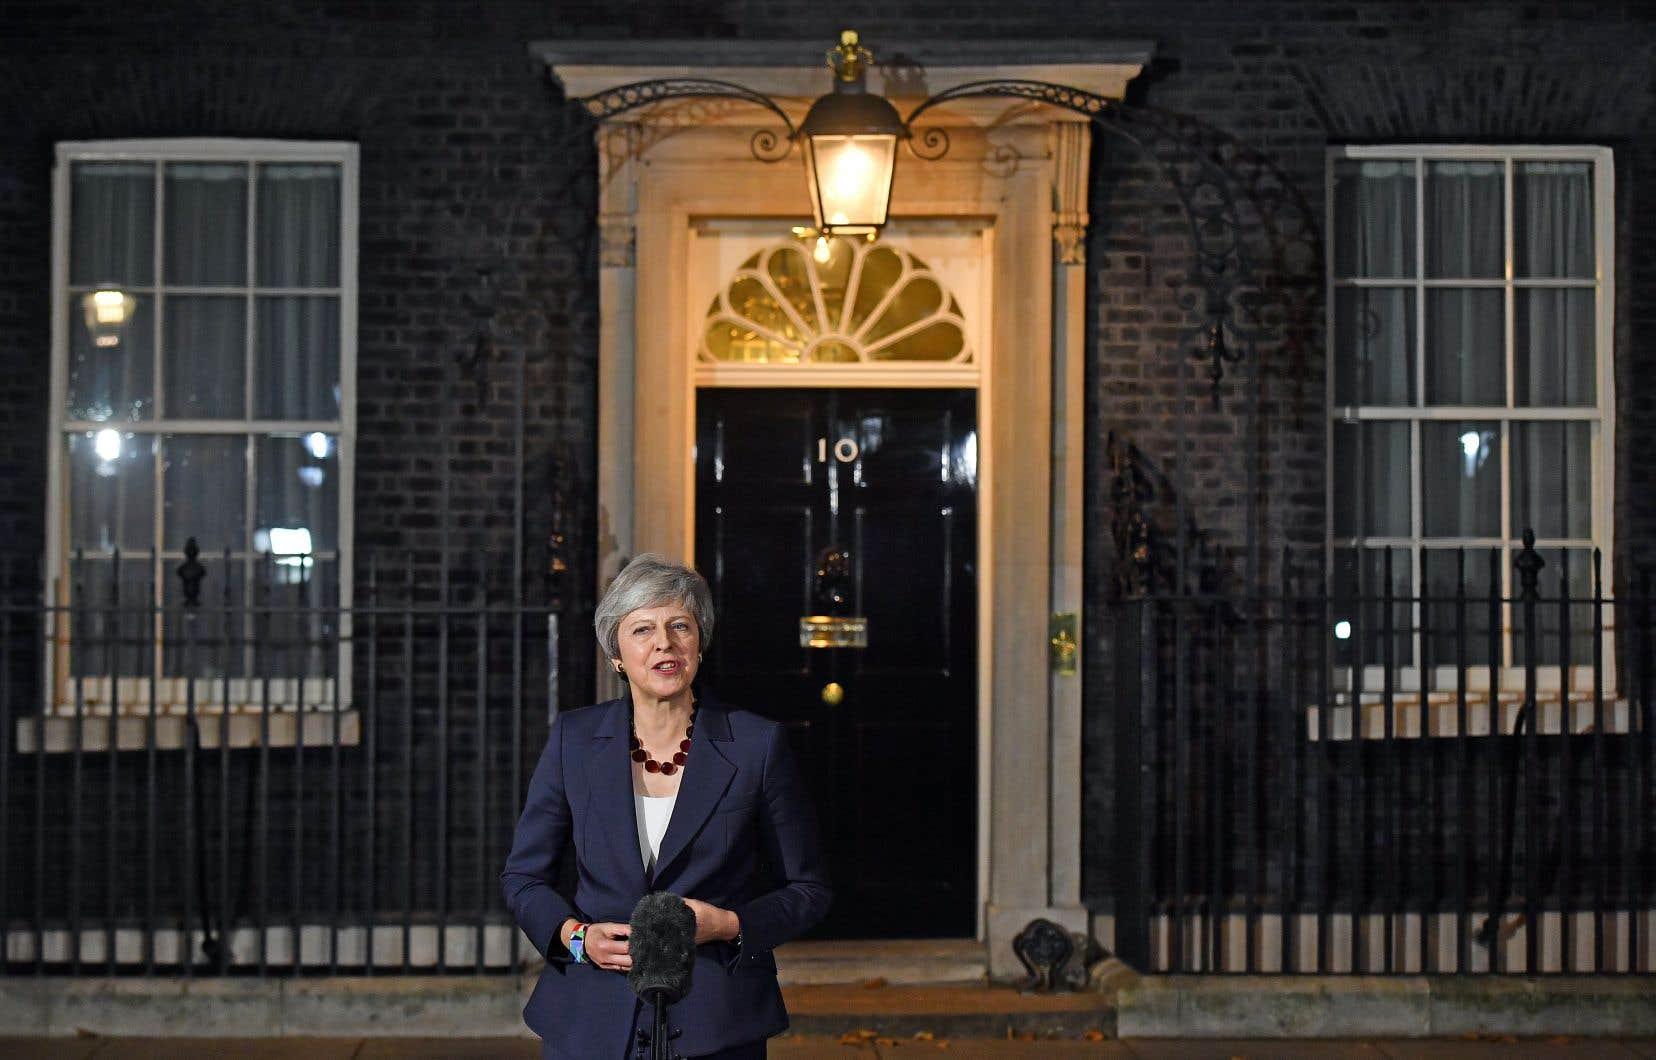 «La décision collective du cabinet est que le gouvernement doit approuver le projet d'accord […] C'est un pas décisif qui va nous permettre d'avancer [...]», a brièvement déclaré TheresaMay aux médias devant sa résidence officielle du 10 Downing Street.